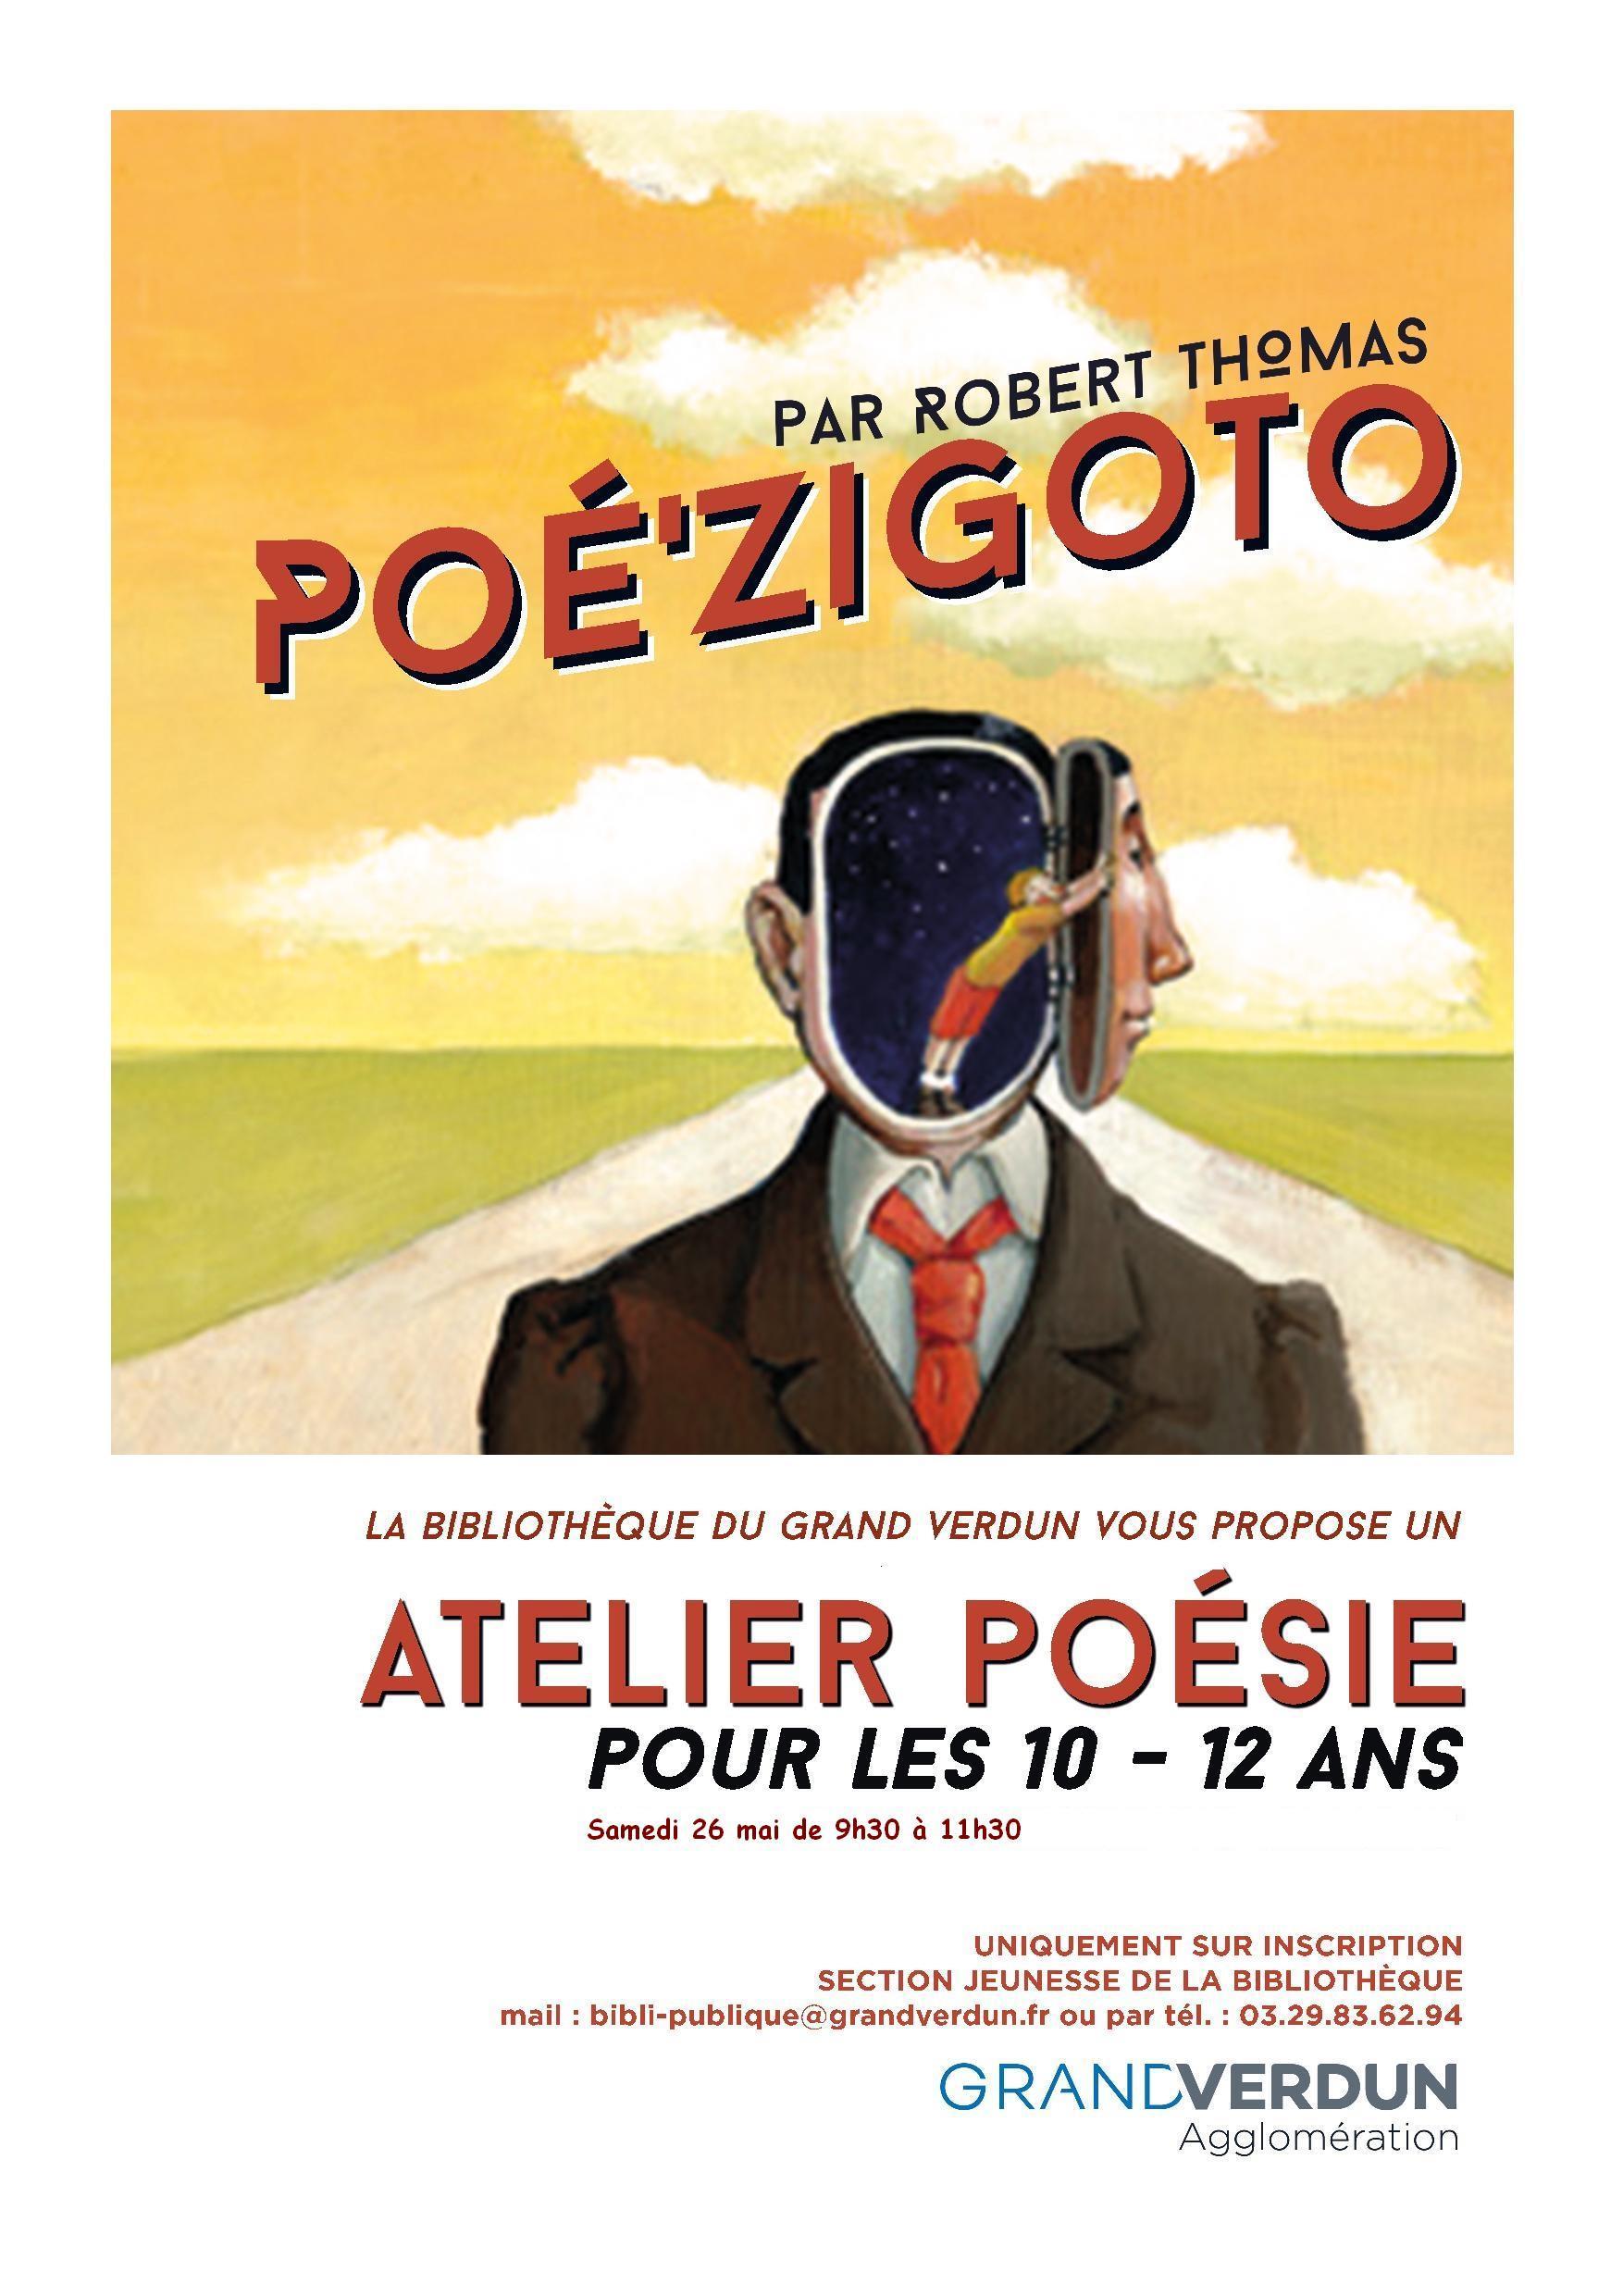 ATELIER | POÉ'ZIGOTO